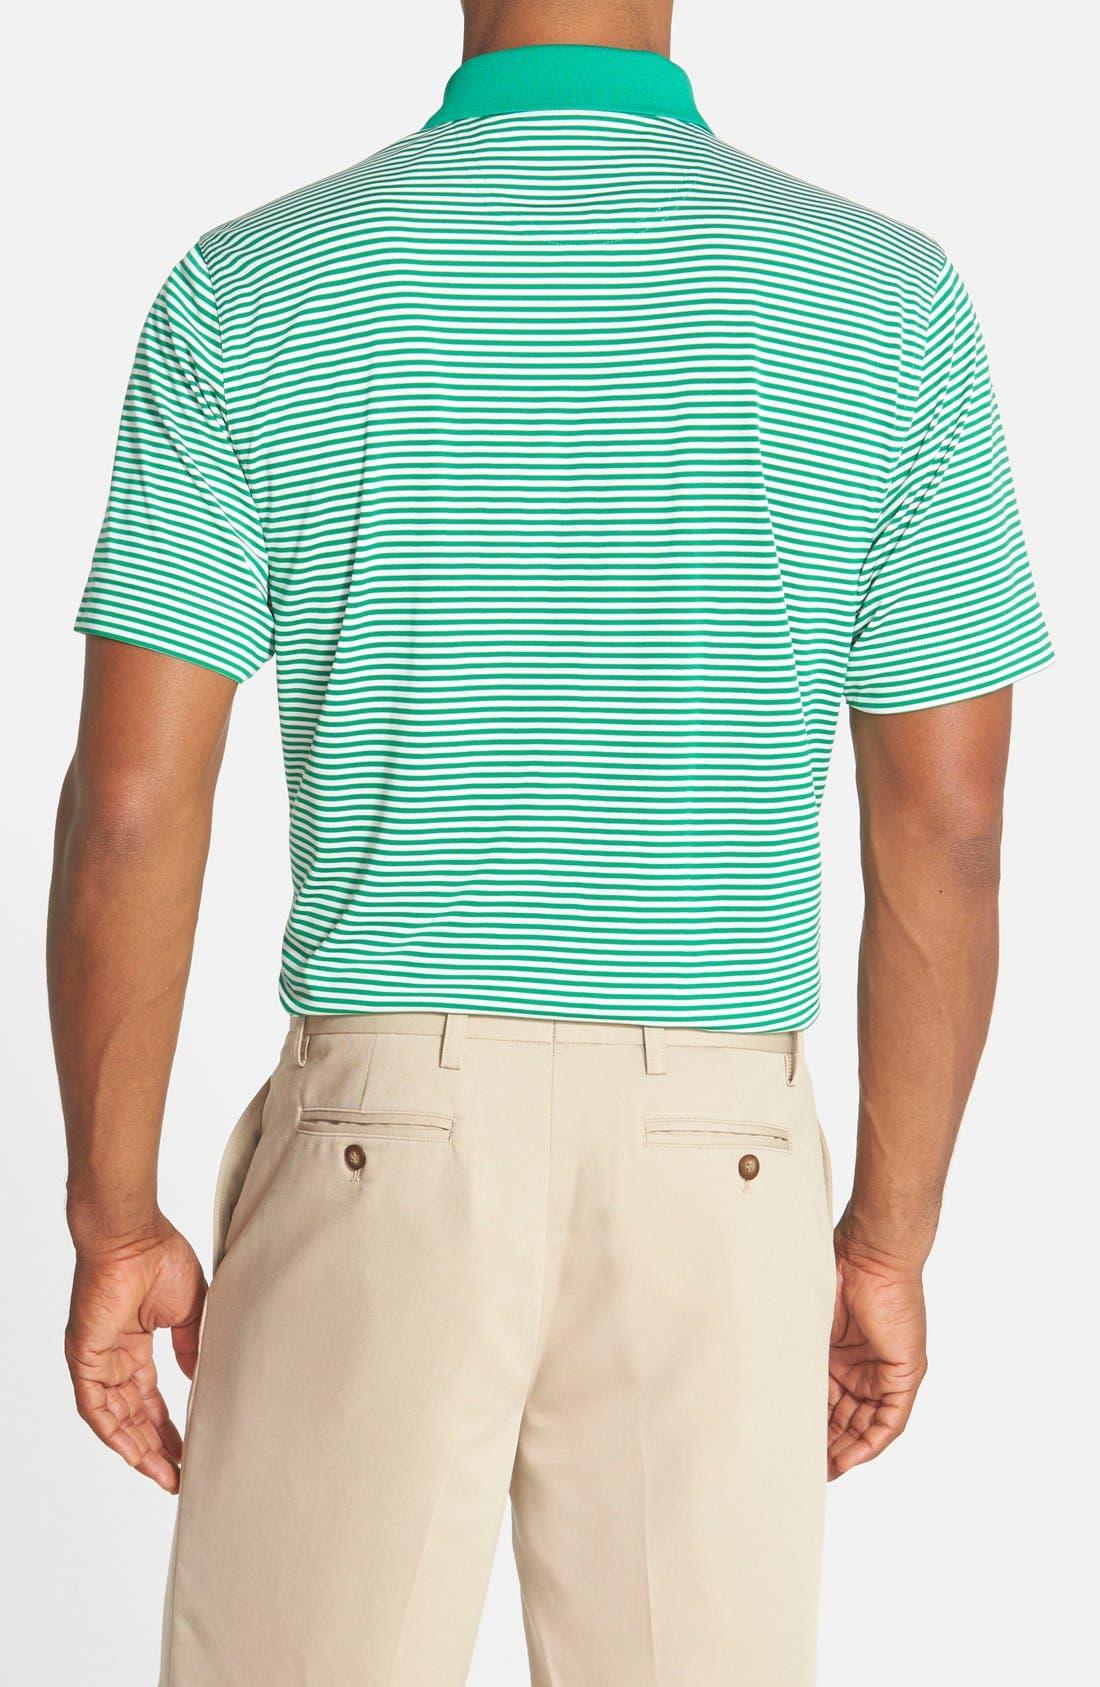 Trevor DryTec Moisture Wicking Golf Polo,                             Alternate thumbnail 2, color,                             Loft Green/ White